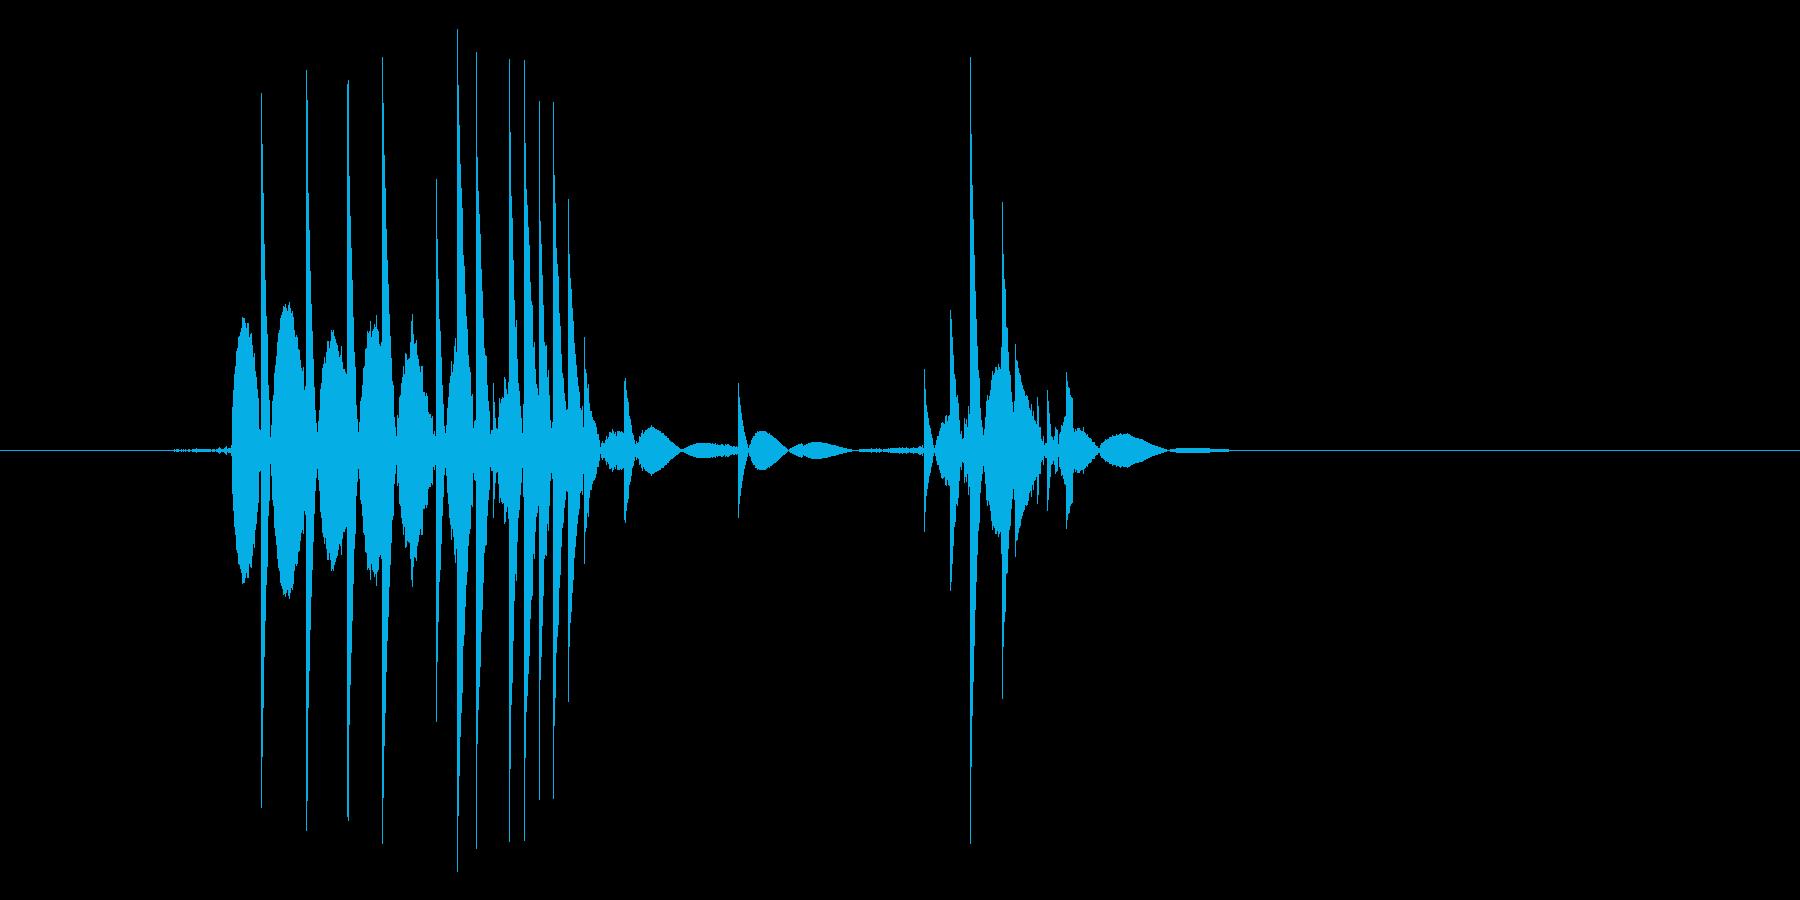 ゲーム(ファミコン風)爆発音_016の再生済みの波形